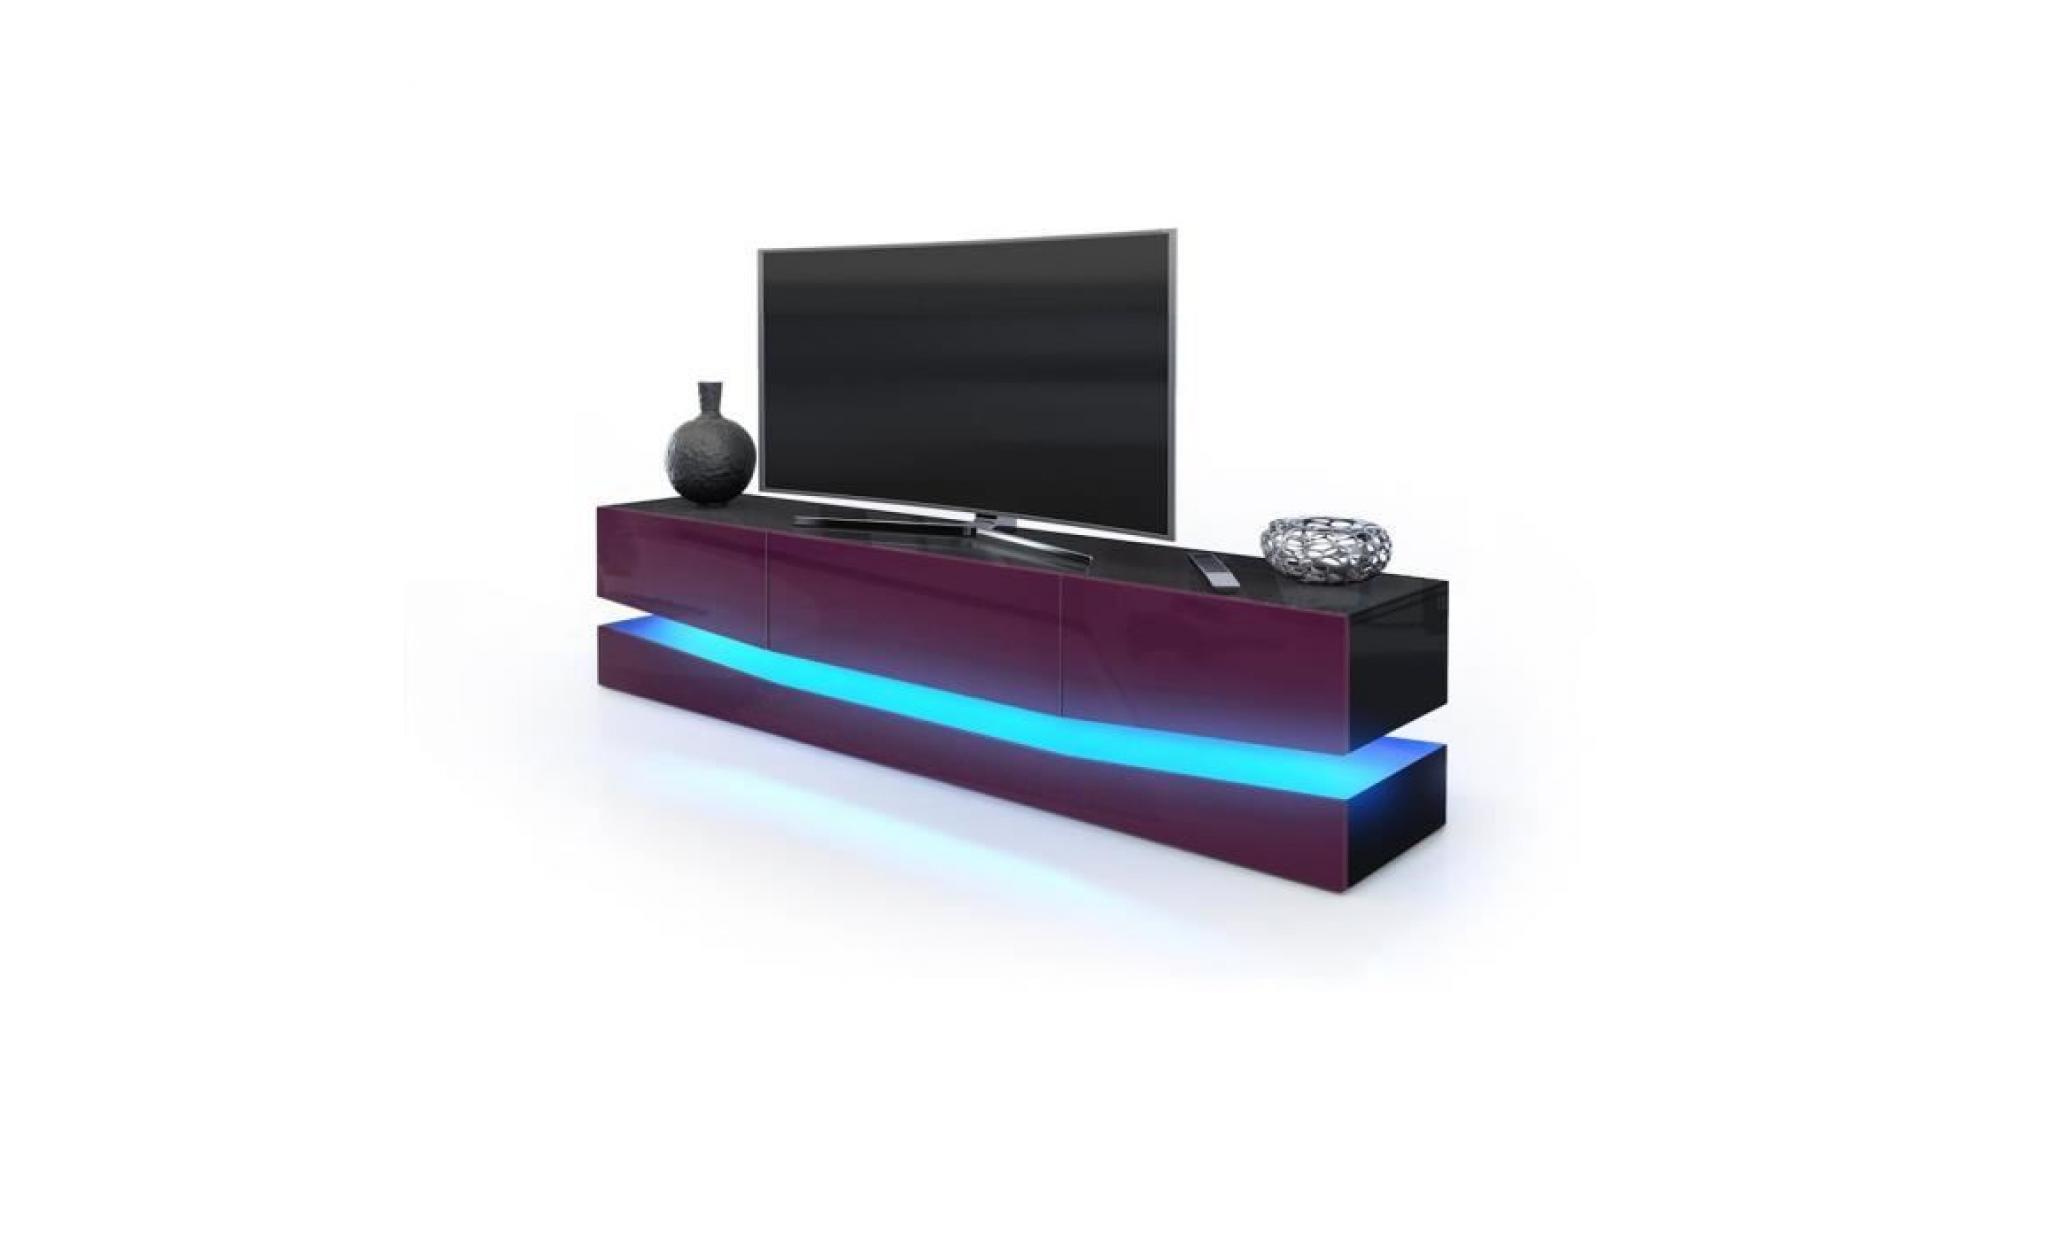 Meuble Tv Design Corps Noir Et Facades En Prune Haute Brillance Avec Led Achat Vente Meuble Tv Pas Cher Couleur Et Design Fr